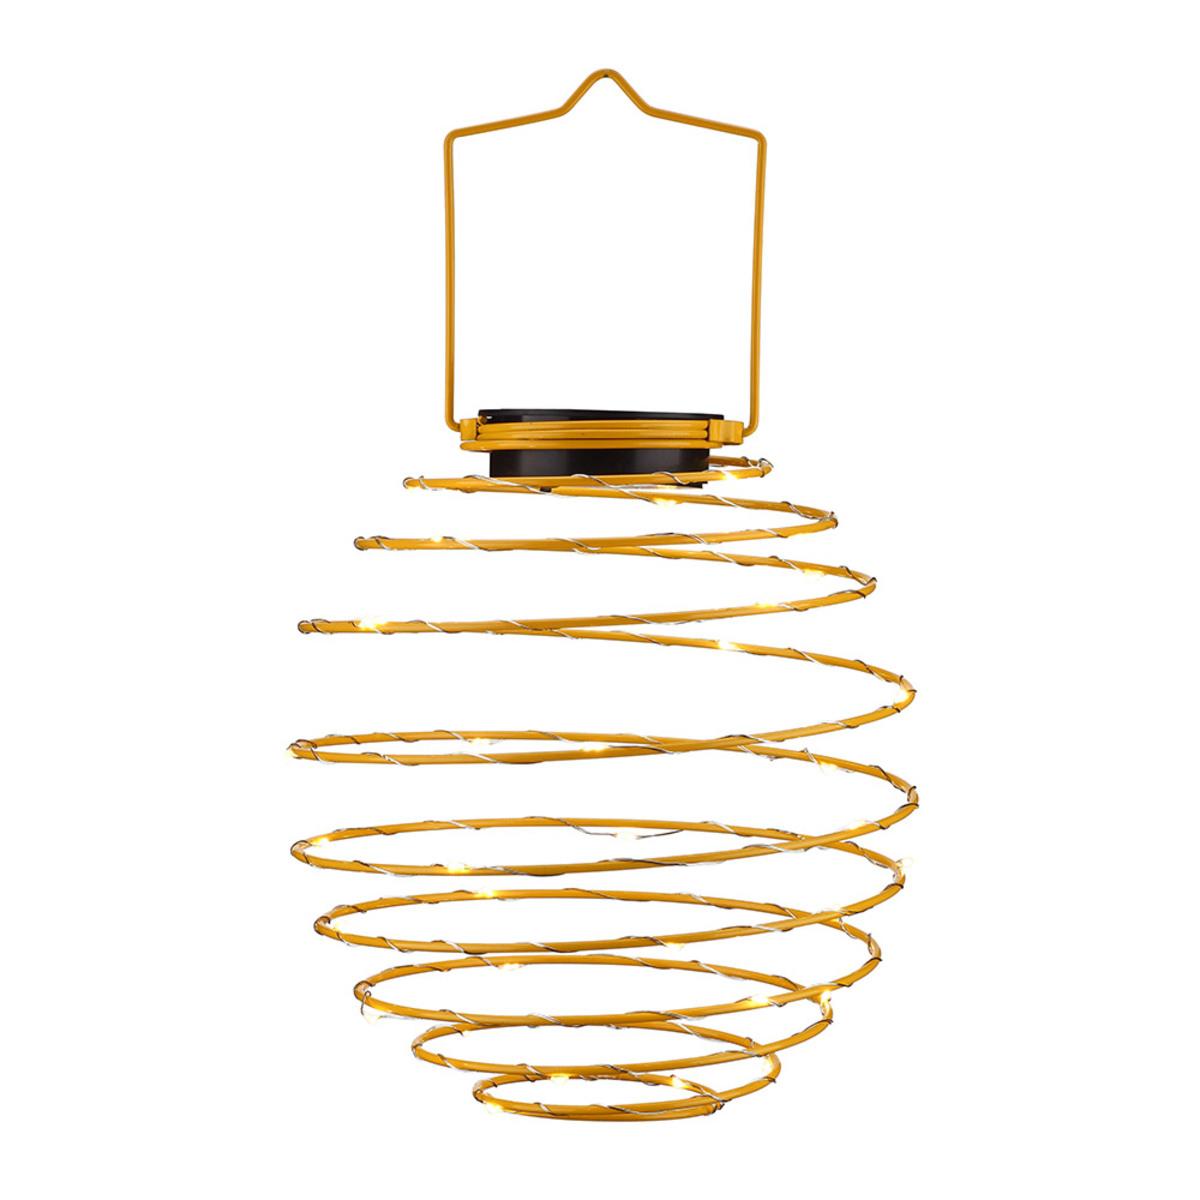 Bild 1 von EZSolar LED Solar Spiral-Lampion, Ø 22cm, Gelb